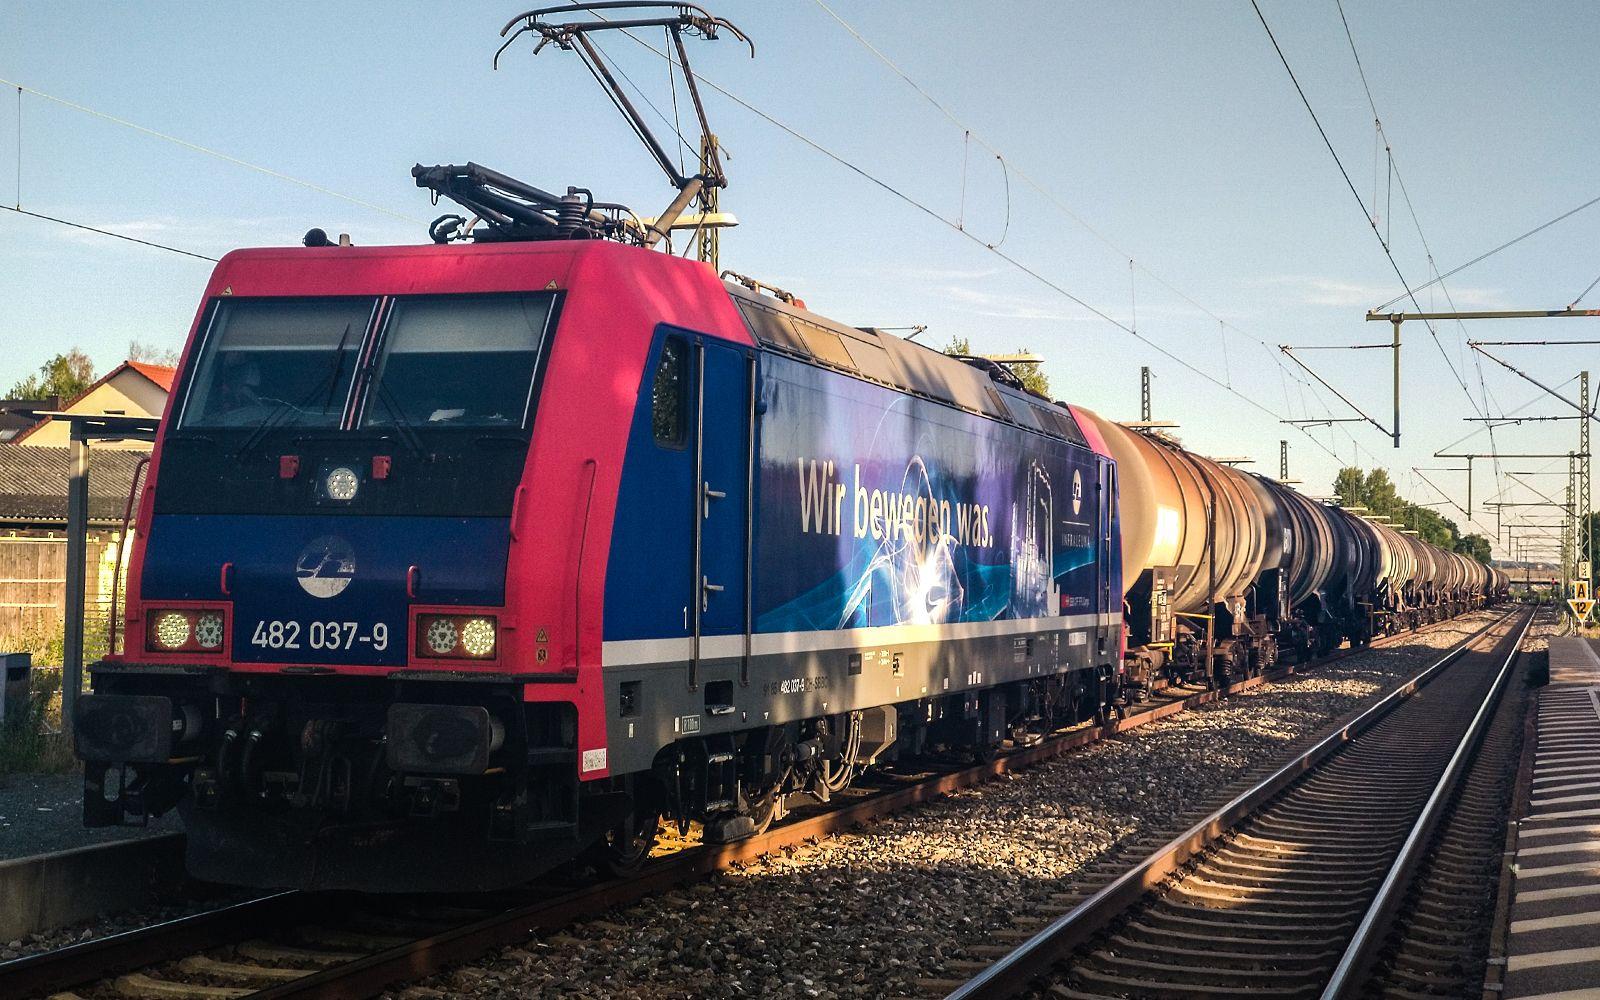 ©Foto: Denis Herwig   railmen   Lokführer im Dienst für InfraLeuna   Gütertransport macht Zwischenstopp in Hallstadt wegen Zugüberholung   Baureihe 482